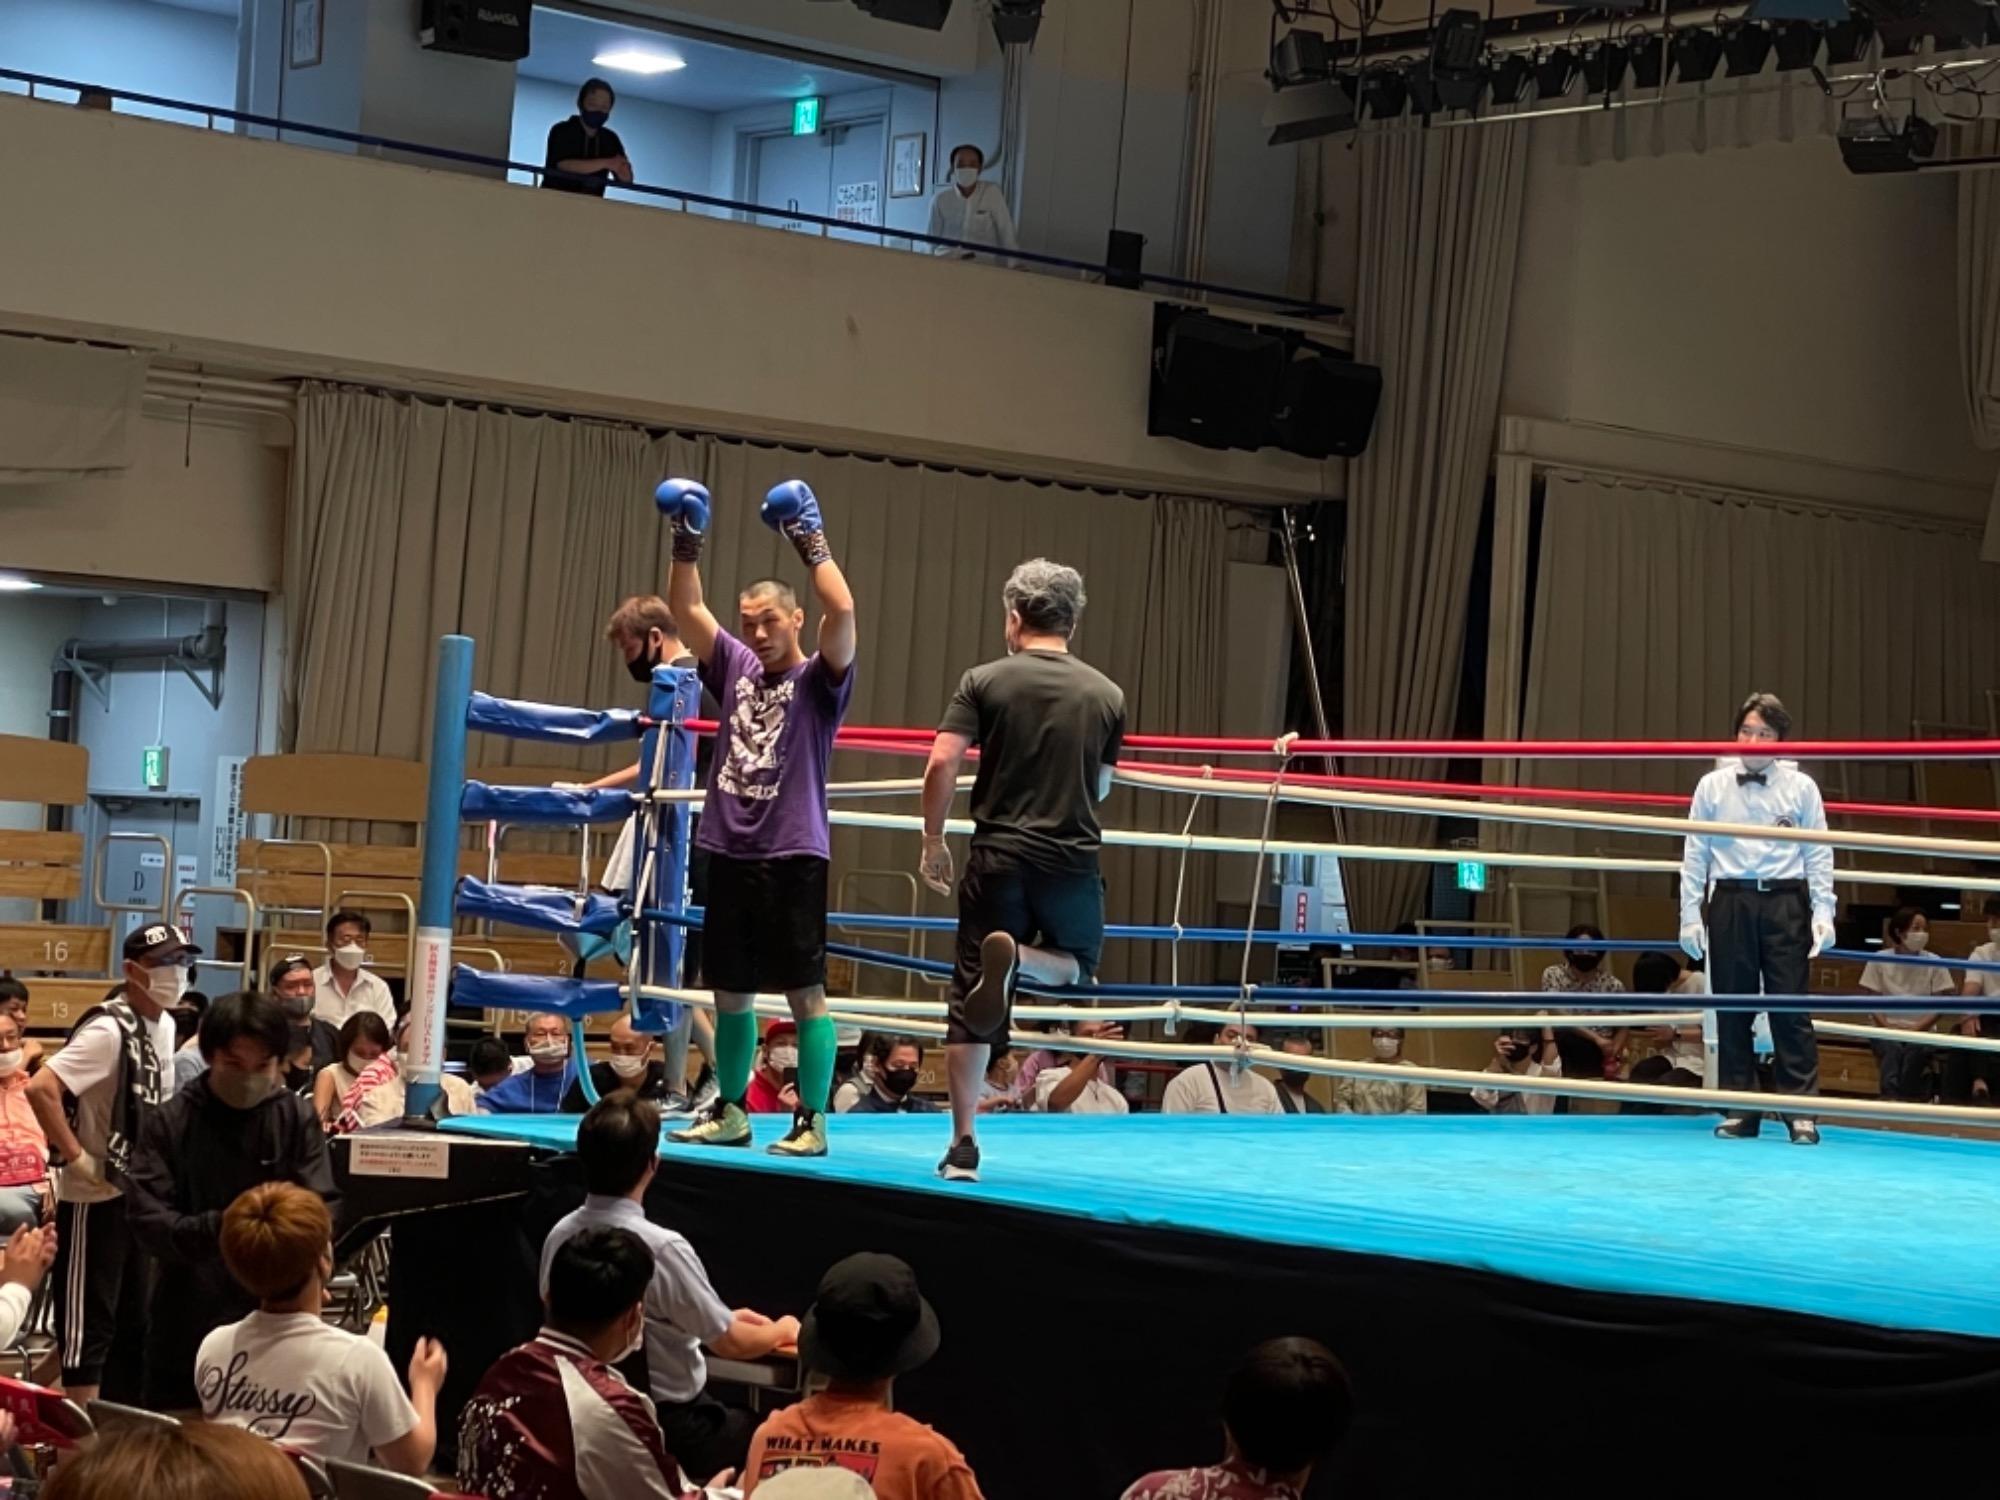 スタッフYUYAのボクシング観戦記3R 画像1|rsc products公式ウェブサイト